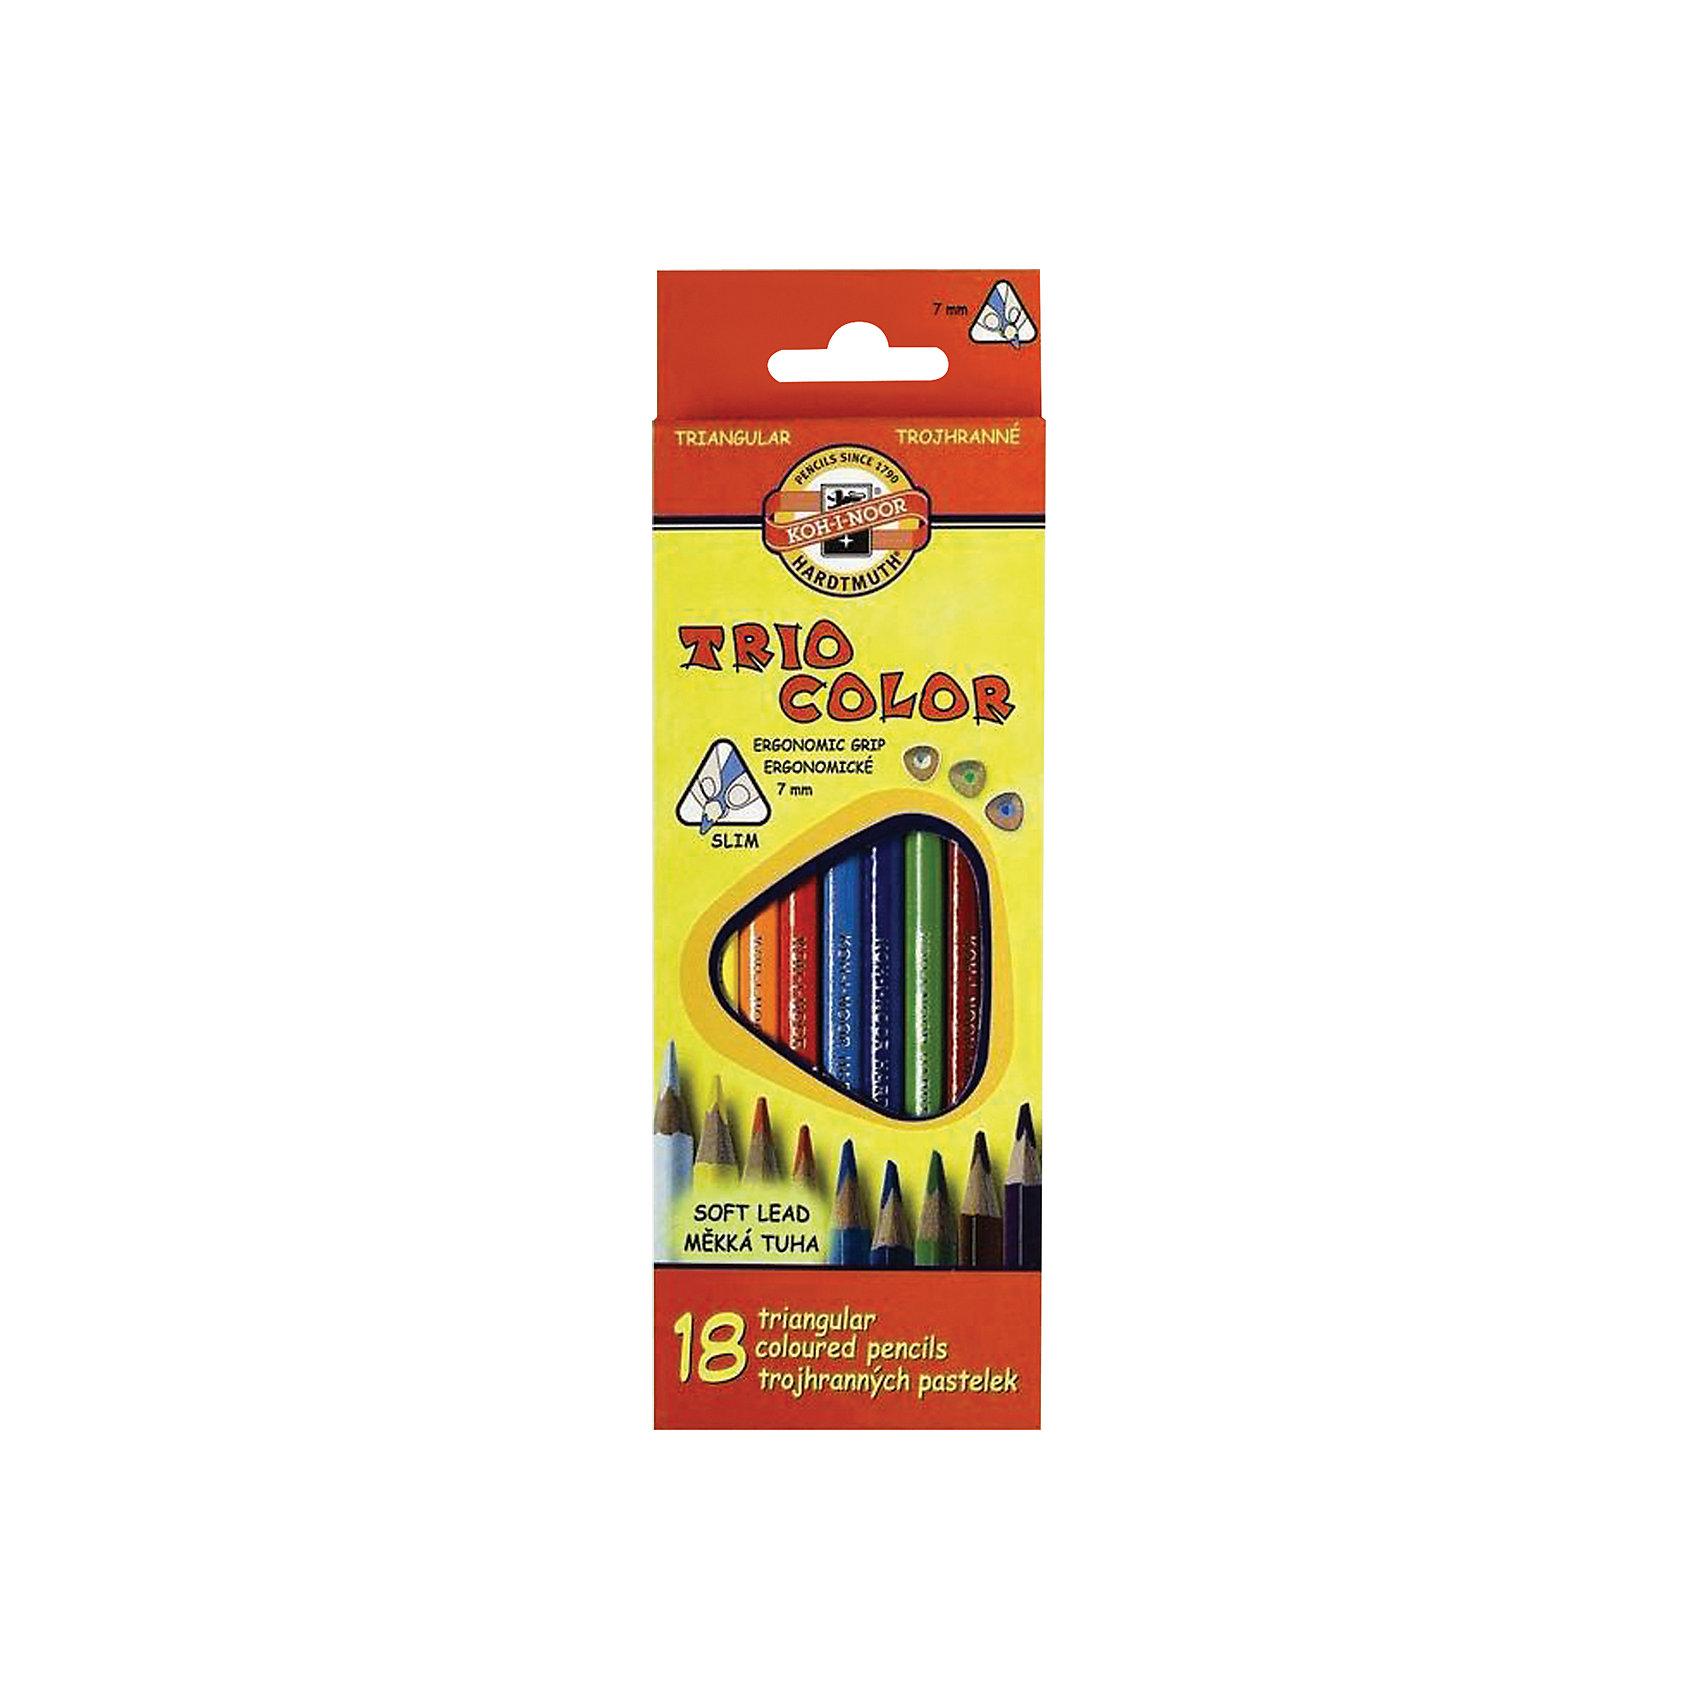 Цветные карандаши Triocolor, 18 цв., KOH-I-NOORТрехгранная форма корпуса карандаша позволяет снизить усталость при рисовании и письме, развивает мелкую моторику пальцев, что особенно важно для детей младшего школьного возраста. Карандаши имеют прочный неломающийся грифель, не требующий сильного нажатия.<br>Цветные заточенные карандаши изготовлены из экологически чистых материалов высшего качества. <br><br>Дополнительная информация:<br><br>- 18 цветов. <br>- Высокосортная древесина. <br>- Заточенные.<br>- Трехгранная форма корпуса. <br>- Диаметр грифеля - 3,2 мм. <br>- Размер упаковки: 1,9х21х7,3 см.<br>- Вес в упаковке: 100 г.<br><br>Цветные карандаши Triocolor KOH-I-NOOR можно купить в нашем магазине.<br><br>Ширина мм: 19<br>Глубина мм: 210<br>Высота мм: 73<br>Вес г: 100<br>Возраст от месяцев: 72<br>Возраст до месяцев: 2147483647<br>Пол: Унисекс<br>Возраст: Детский<br>SKU: 4792674